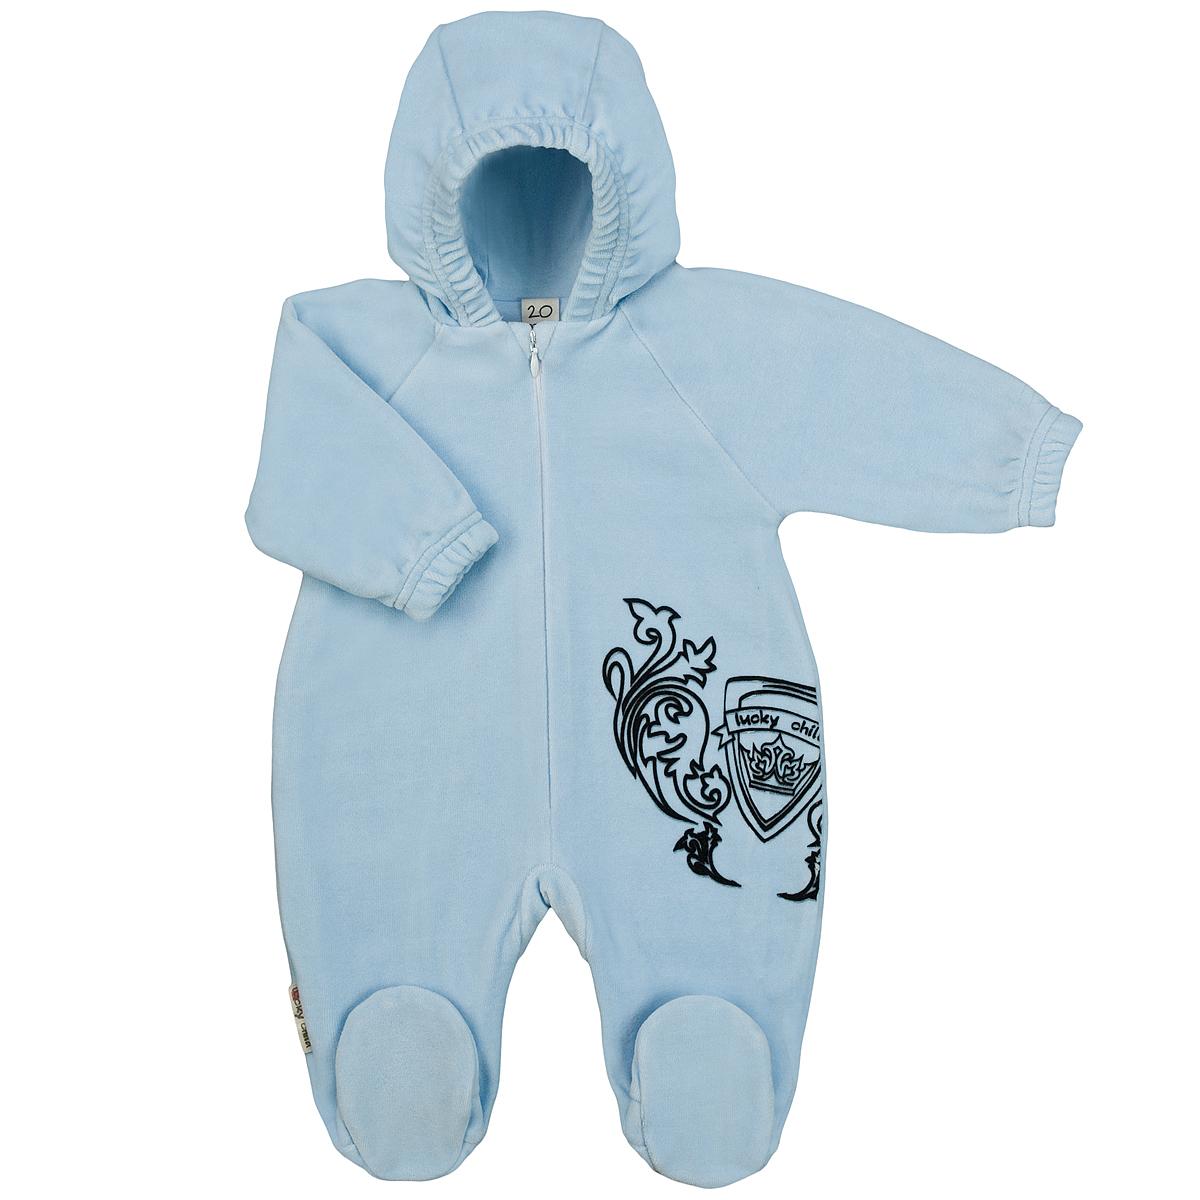 Комбинезон детский Lucky Child, цвет: голубой. 5-4. Размер 80/865-4Детский комбинезон с капюшоном Lucky Child - очень удобный и практичный вид одежды для малышей. Комбинезон выполнен из велюра на подкладке из натурального хлопка, благодаря чему он необычайно мягкий и приятный на ощупь, не раздражают нежную кожу ребенка и хорошо вентилируются, а эластичные швы приятны телу малышки и не препятствуют ее движениям. Комбинезон с длинными рукавами-реглан и закрытыми ножками по центру имеет потайную застежку-молнию, которая помогает легко переодеть младенца или сменить подгузник. Спереди он оформлен оригинальным принтом в виде логотипа бренда. Рукава понизу дополнены неширокими эластичными манжетами, которые мягко обхватывают запястья. С детским комбинезоном Lucky Child спинка и ножки вашего малыша всегда будут в тепле. Комбинезон полностью соответствует особенностям жизни младенца в ранний период, не стесняя и не ограничивая его в движениях!